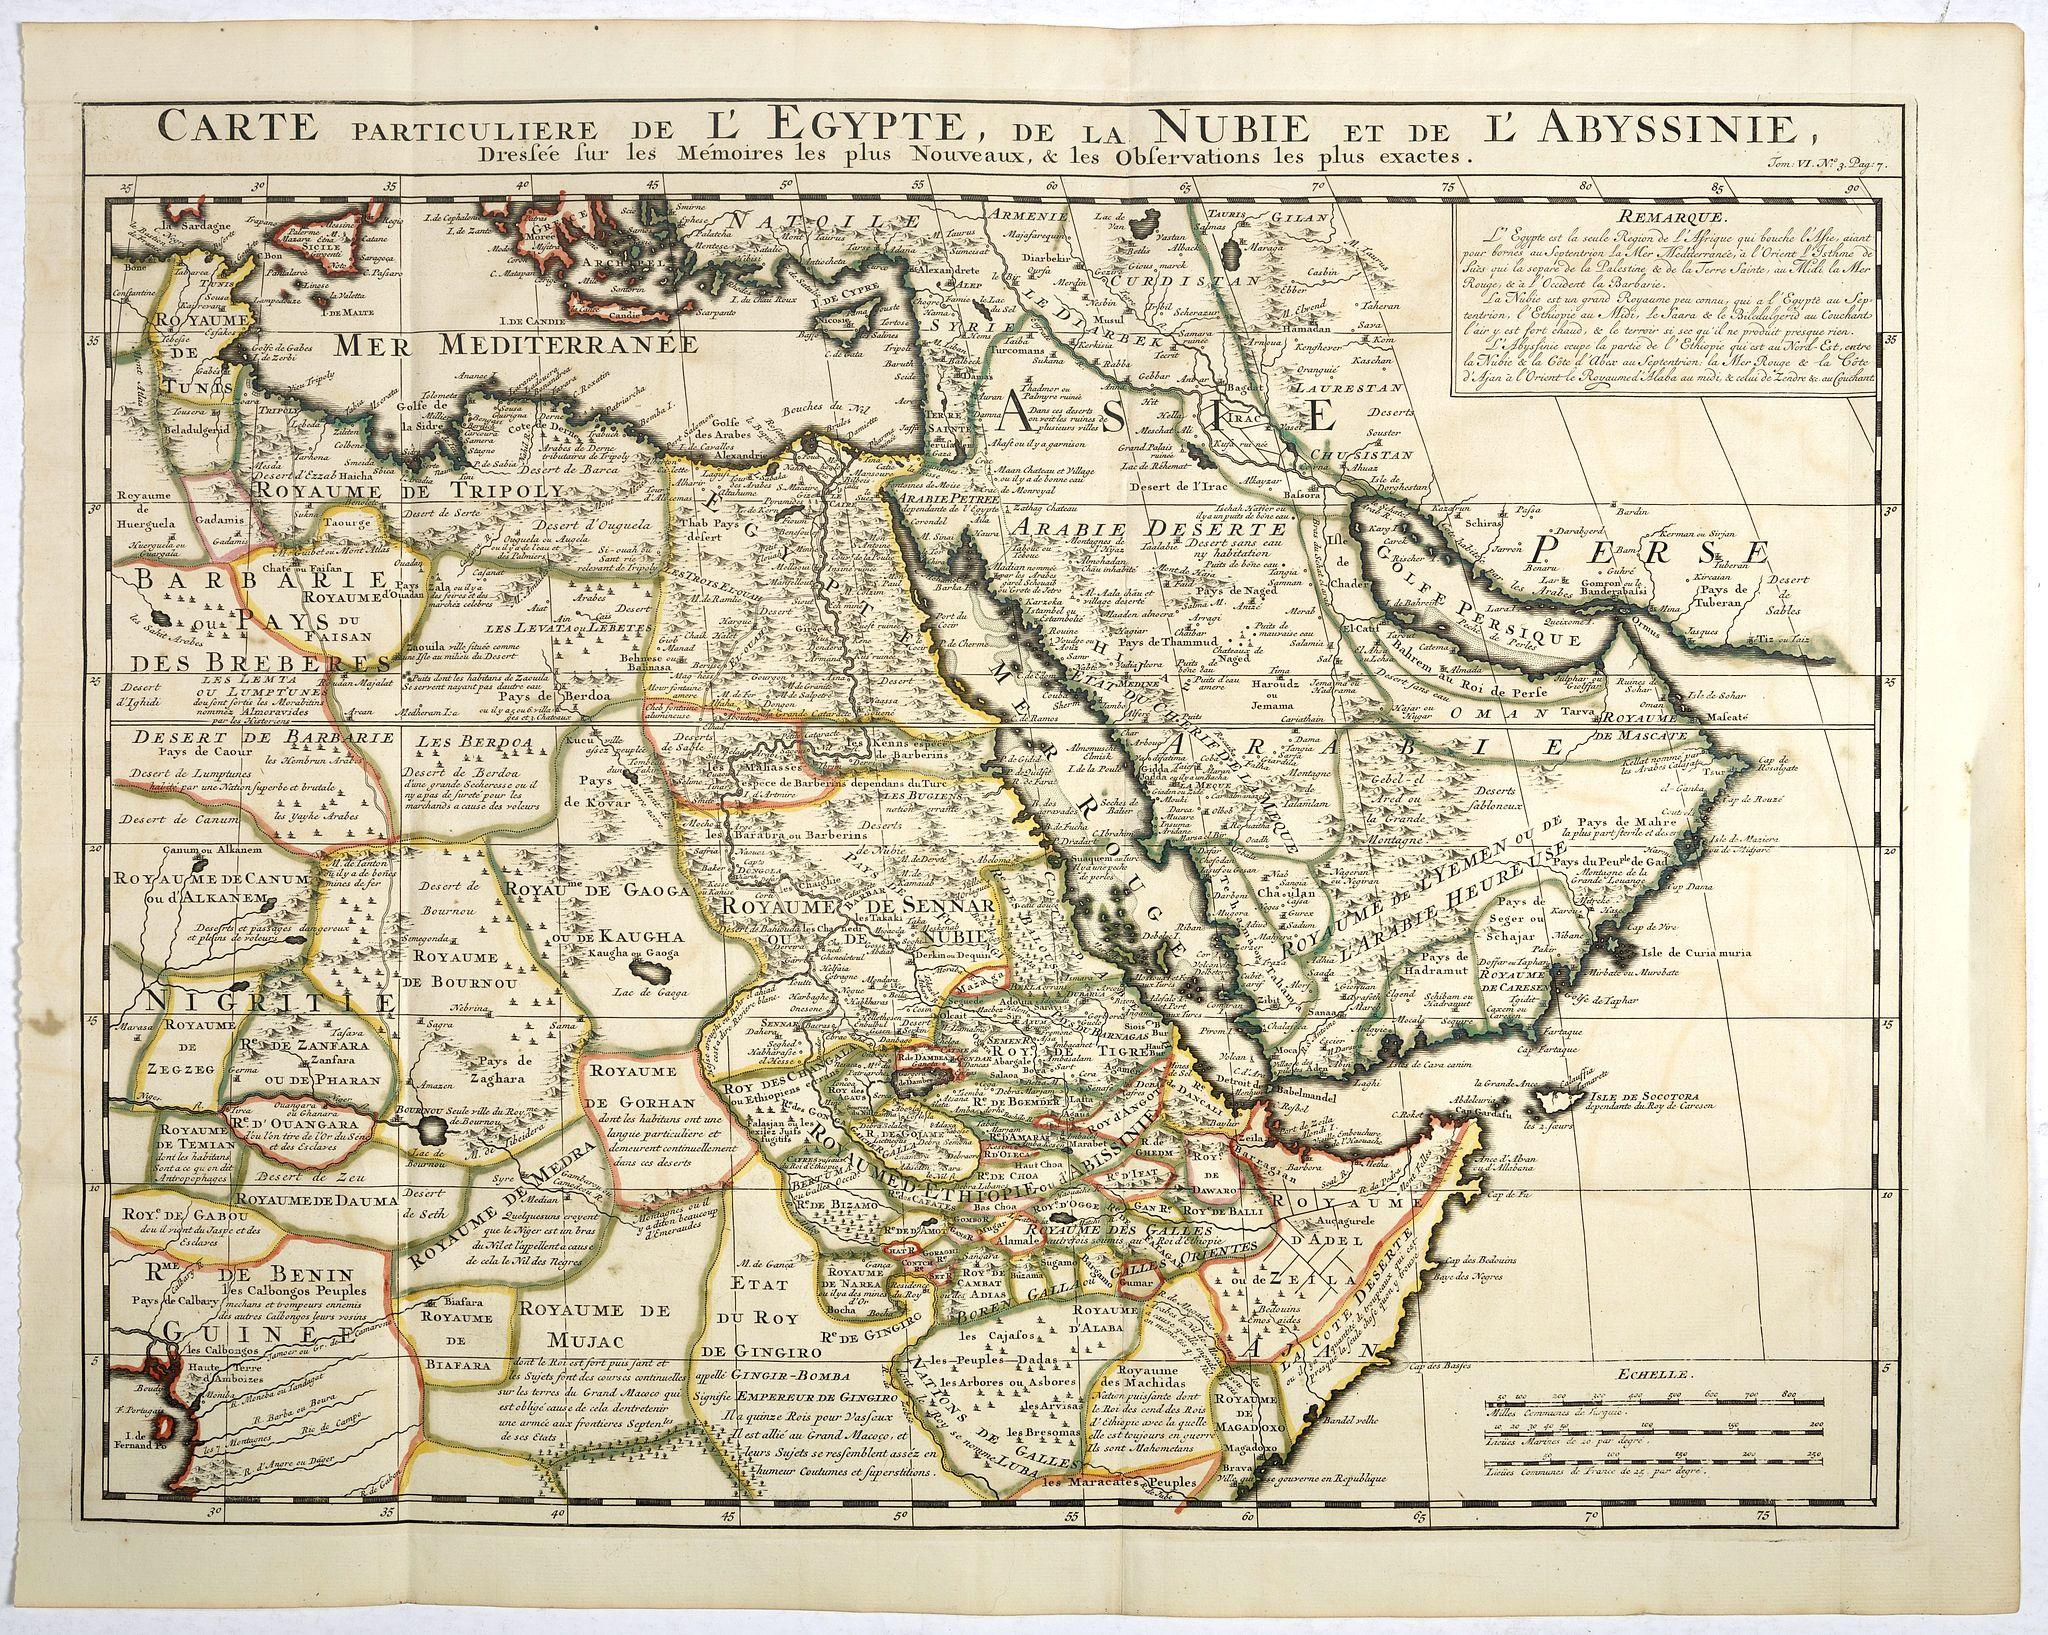 CHATELAIN, H. -  Carte Particuliere De L'Egypte, De La Nubie et de L'Abyssinie, Dressee sur les Memoires les plus Nouveaux & les Observation les plus exactes.